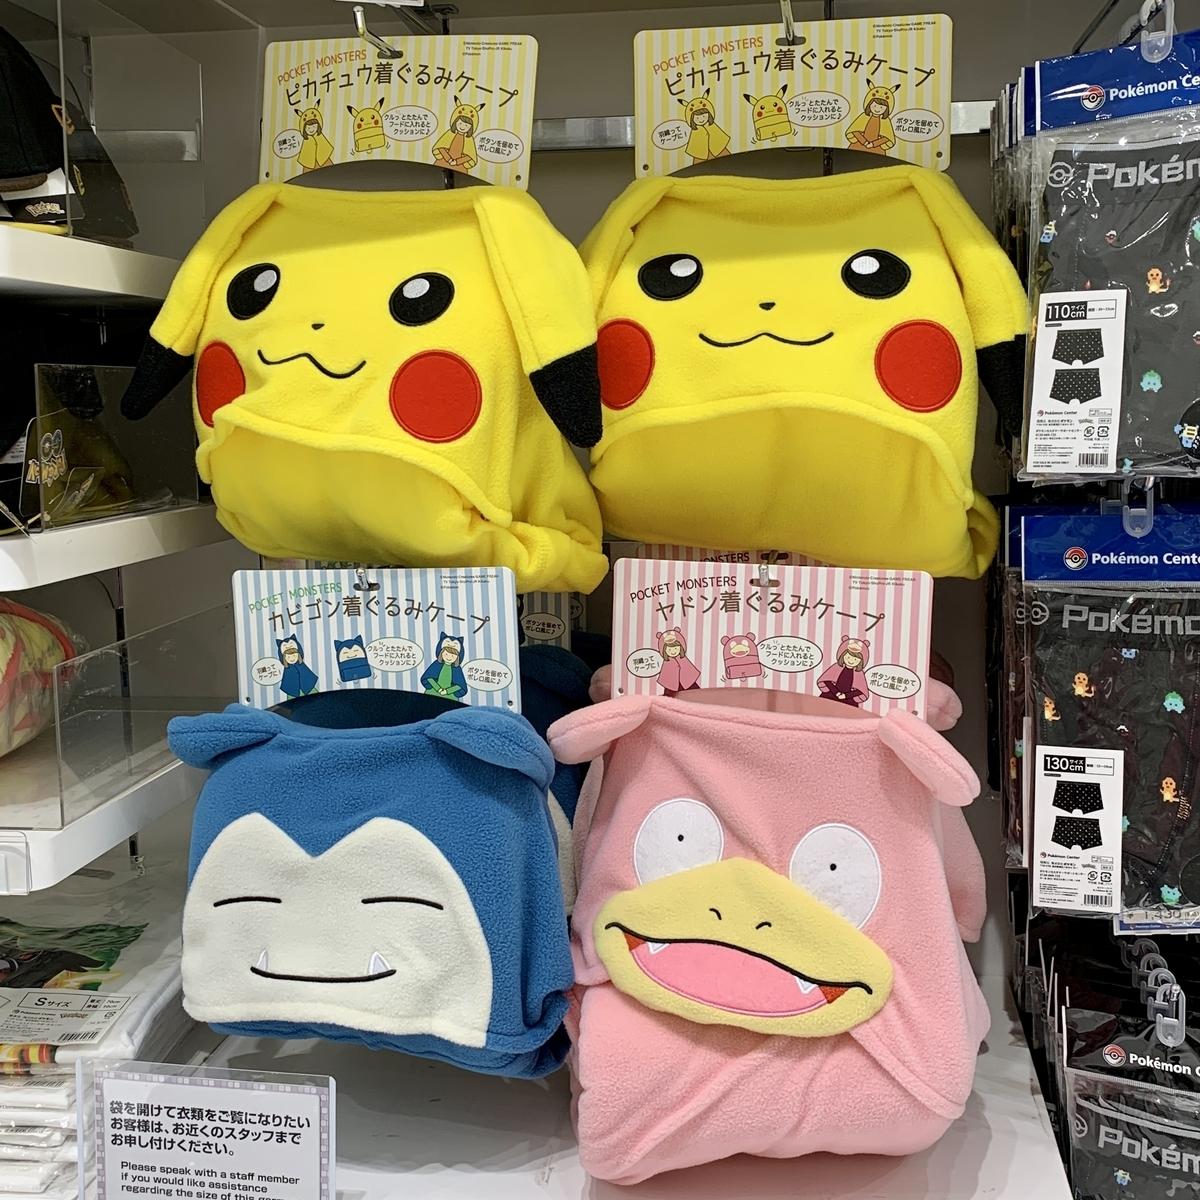 f:id:pikachu_pcn:20210223213526j:plain